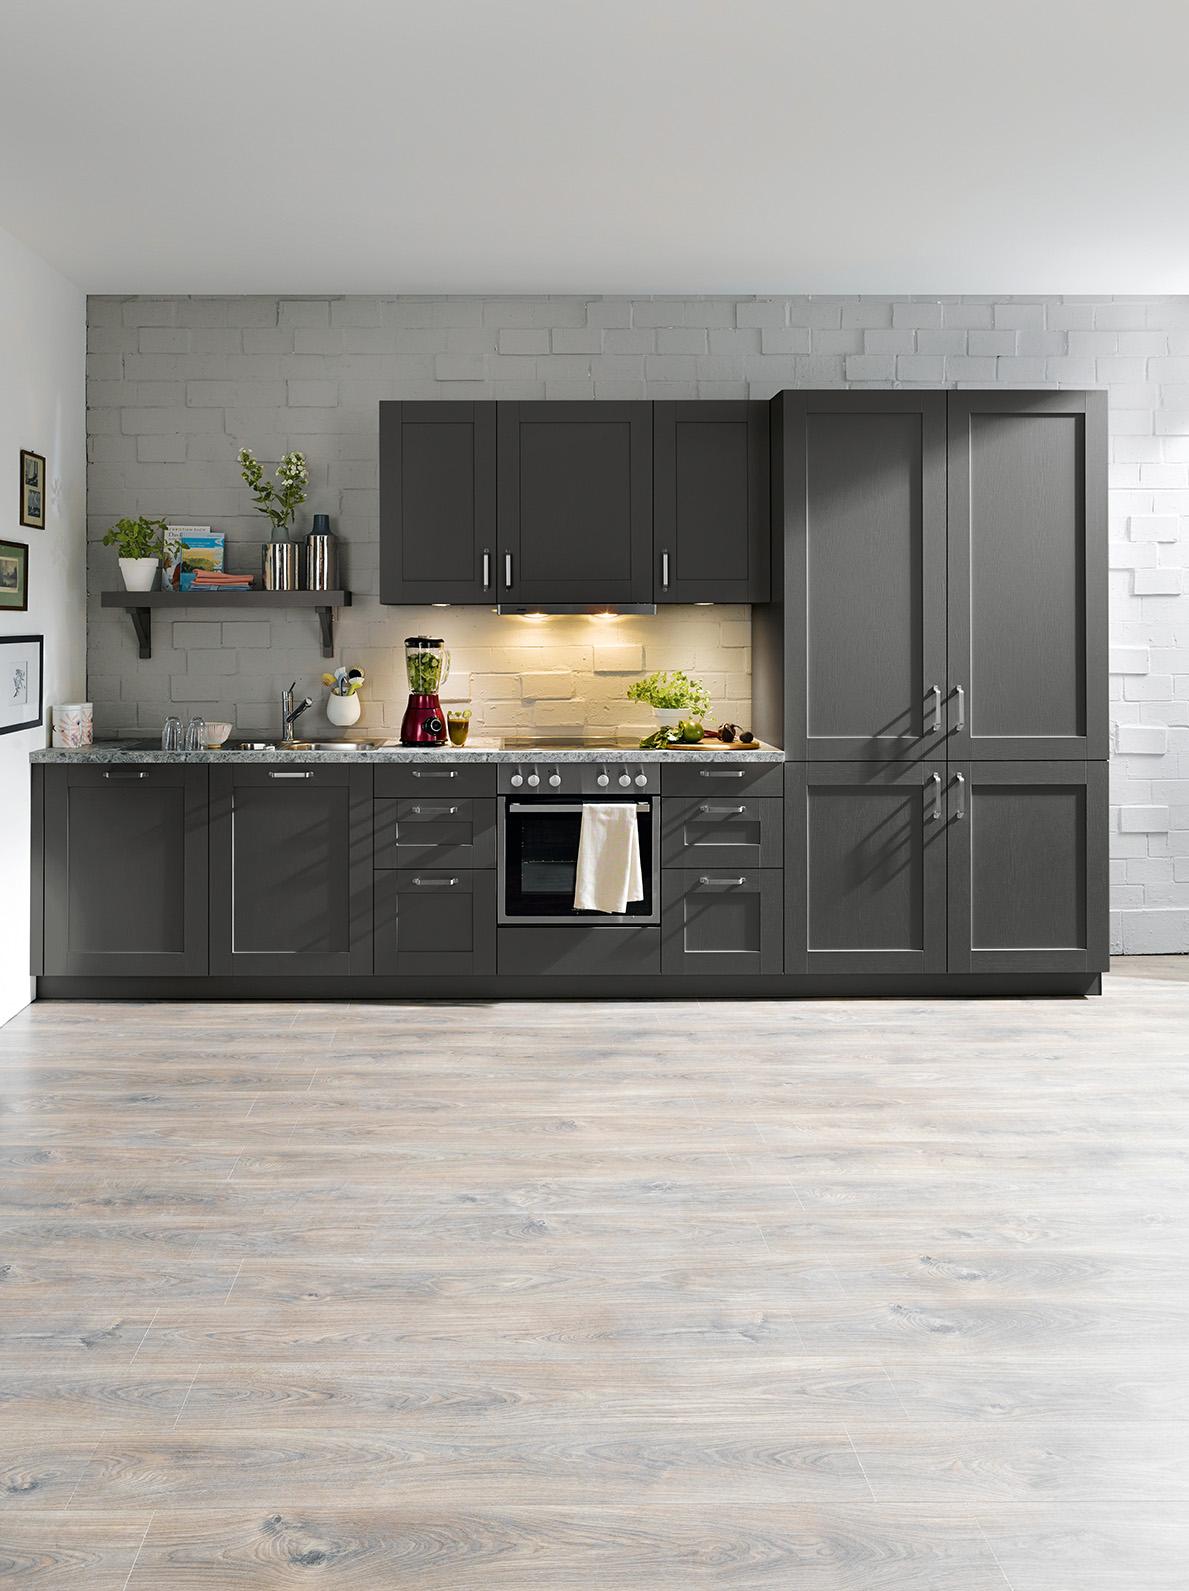 Full Size of Bodenbelag Küche Auf Fliesen Laminatboden Küche Rutschfester Bodenbelag Küche Welcher Bodenbelag Für Offene Küche Küche Bodenbelag Küche